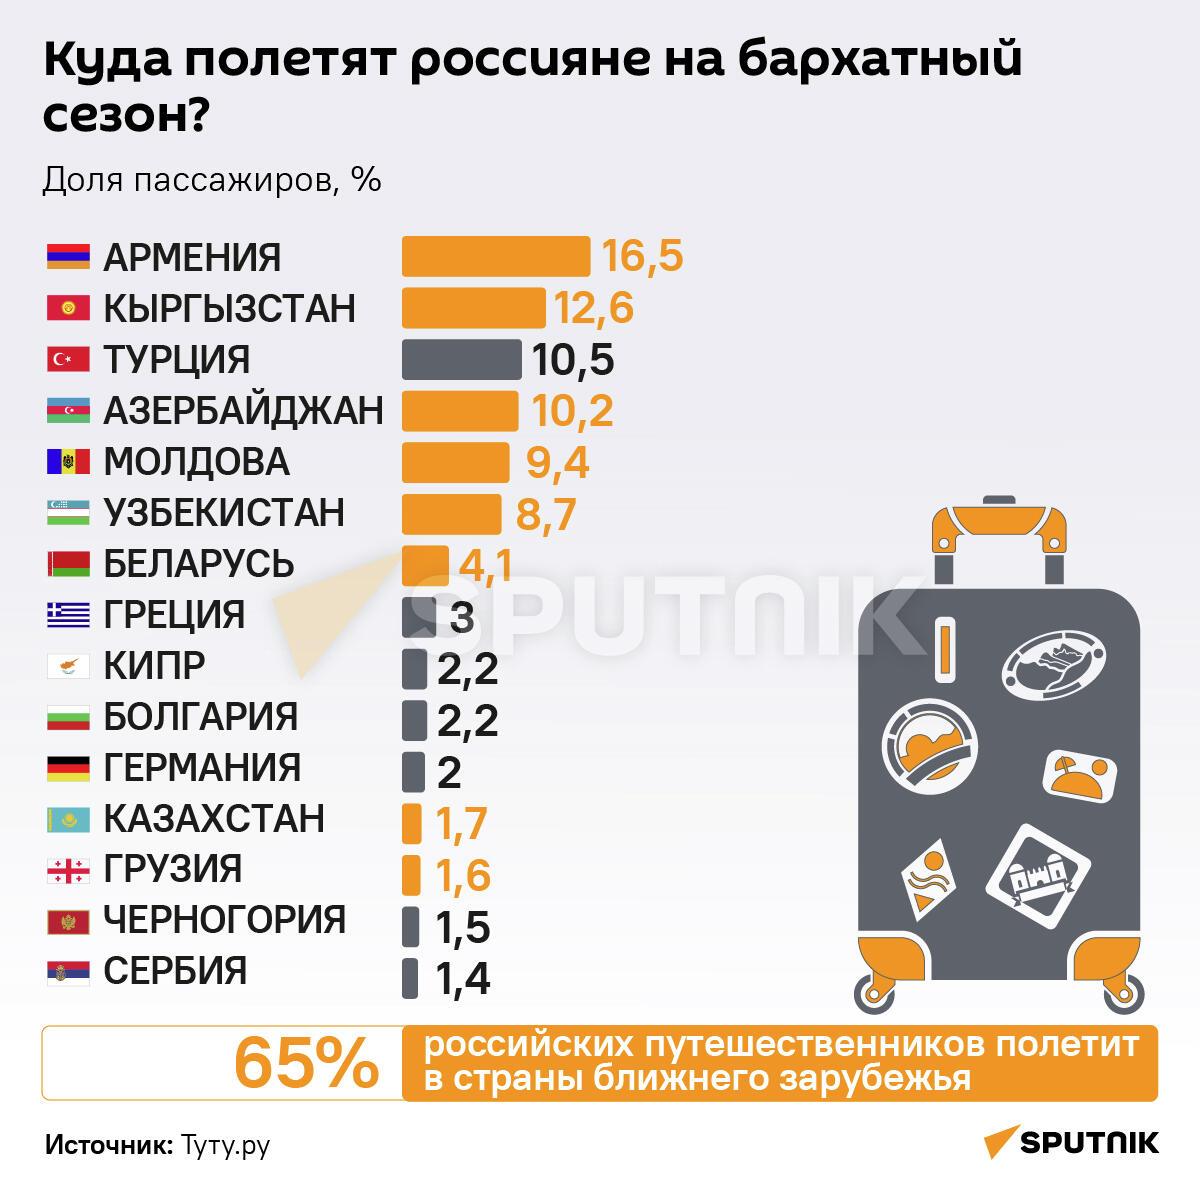 Куда полетят россияне в бархатный сезон - Sputnik Узбекистан